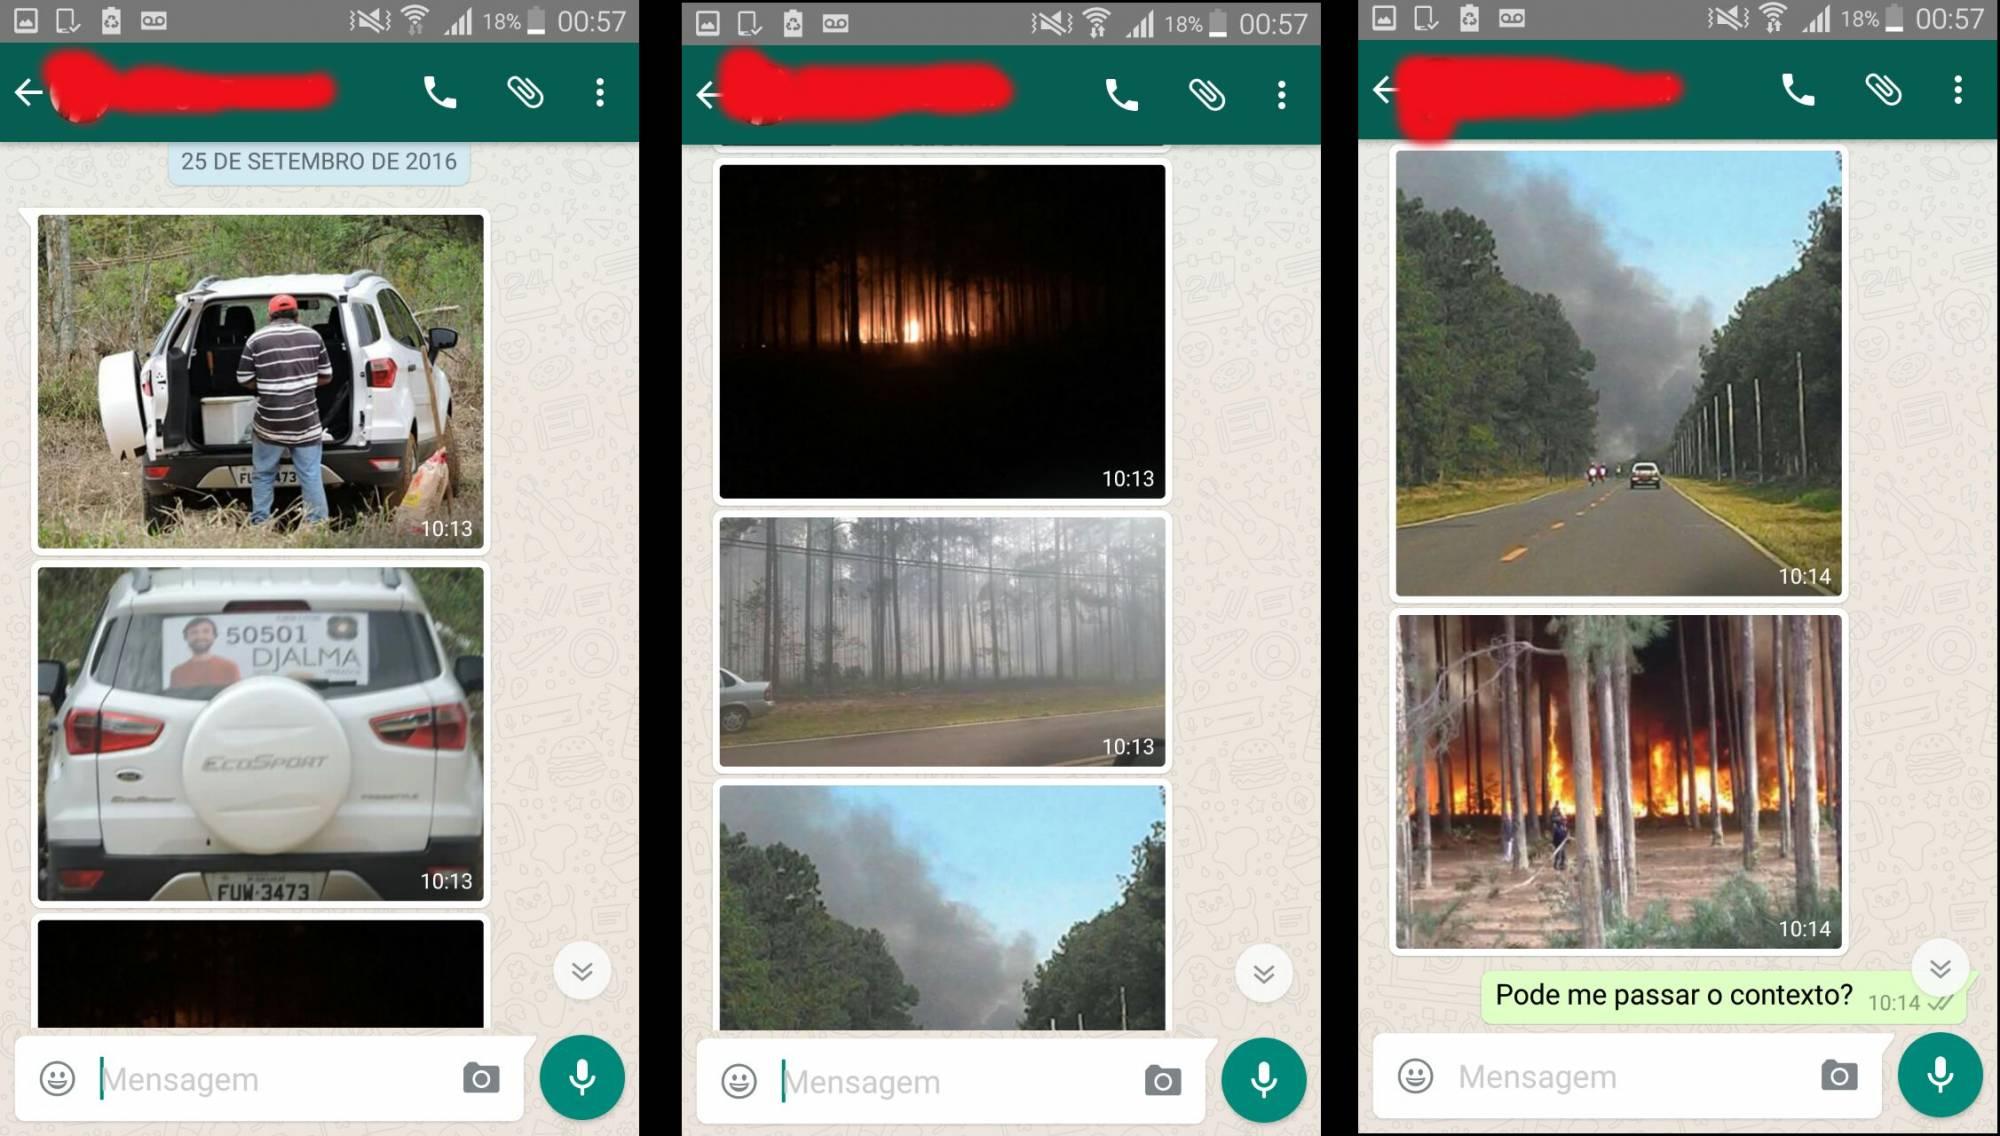 Compilado de fotos circulando pelo grupo de whatsapp (Reprodução)